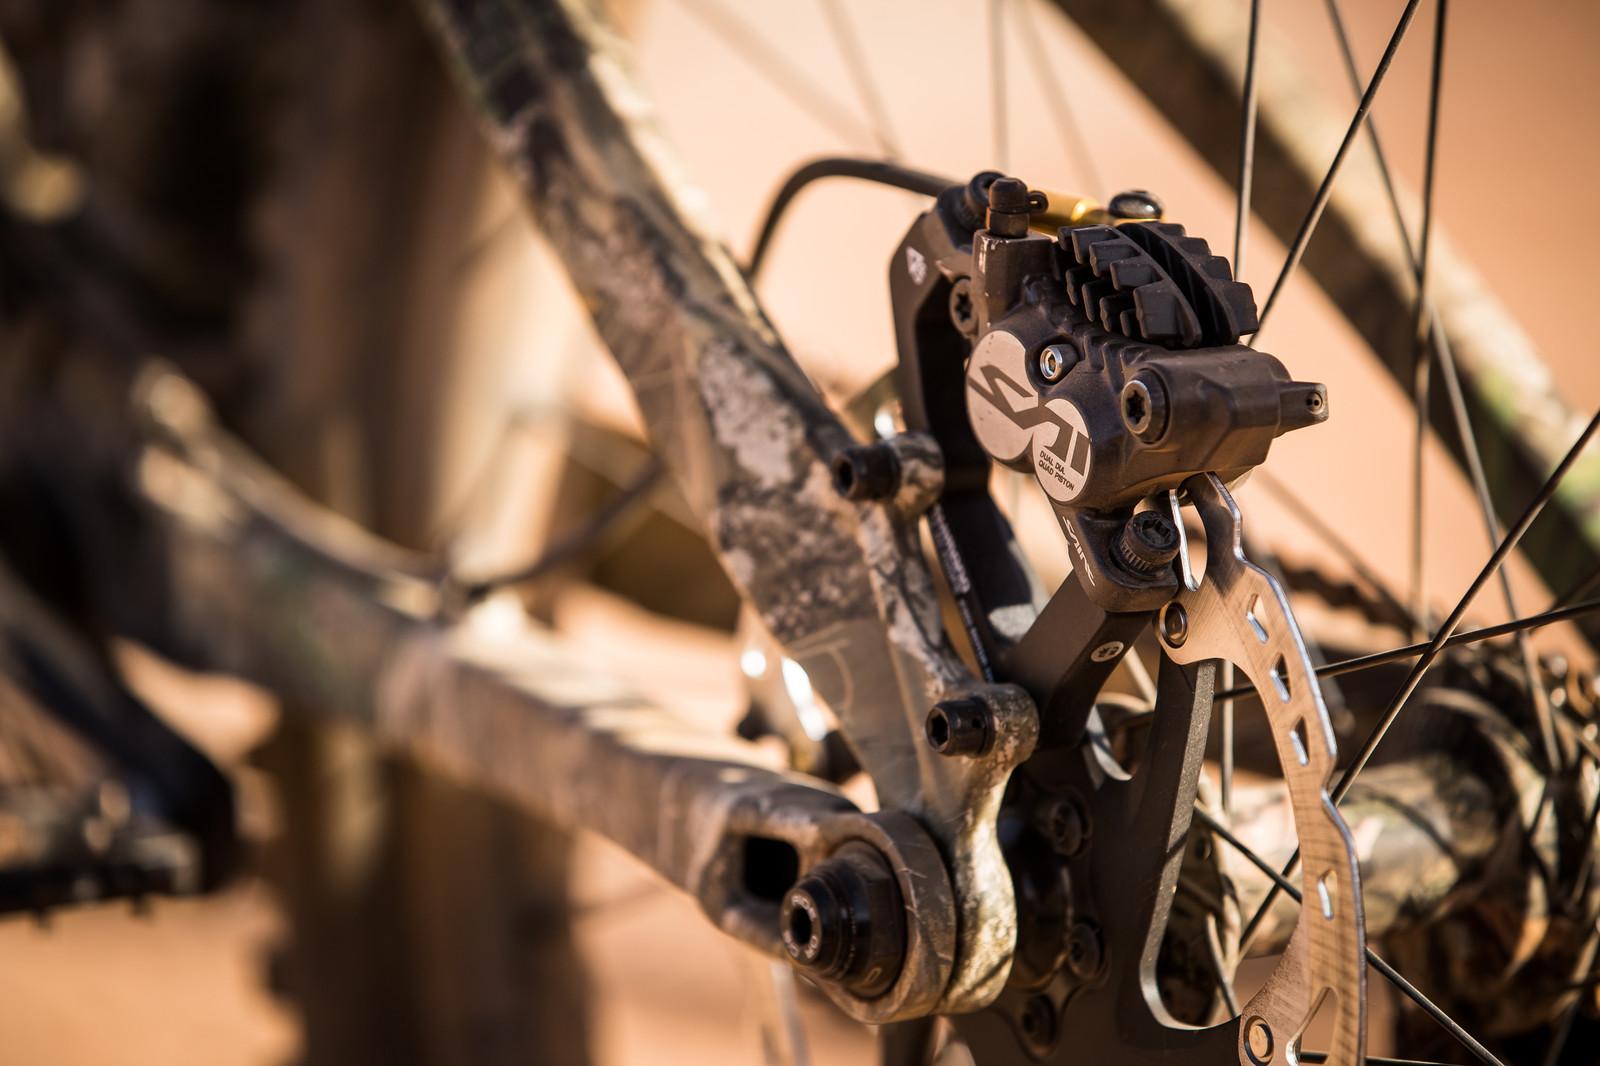 Saint Brakes on Brett Rheeder's Trek Session at Rampage 2019 - RAMPAGE BIKE - Brett Rheeder's Trek Session - Mountain Biking Pictures - Vital MTB